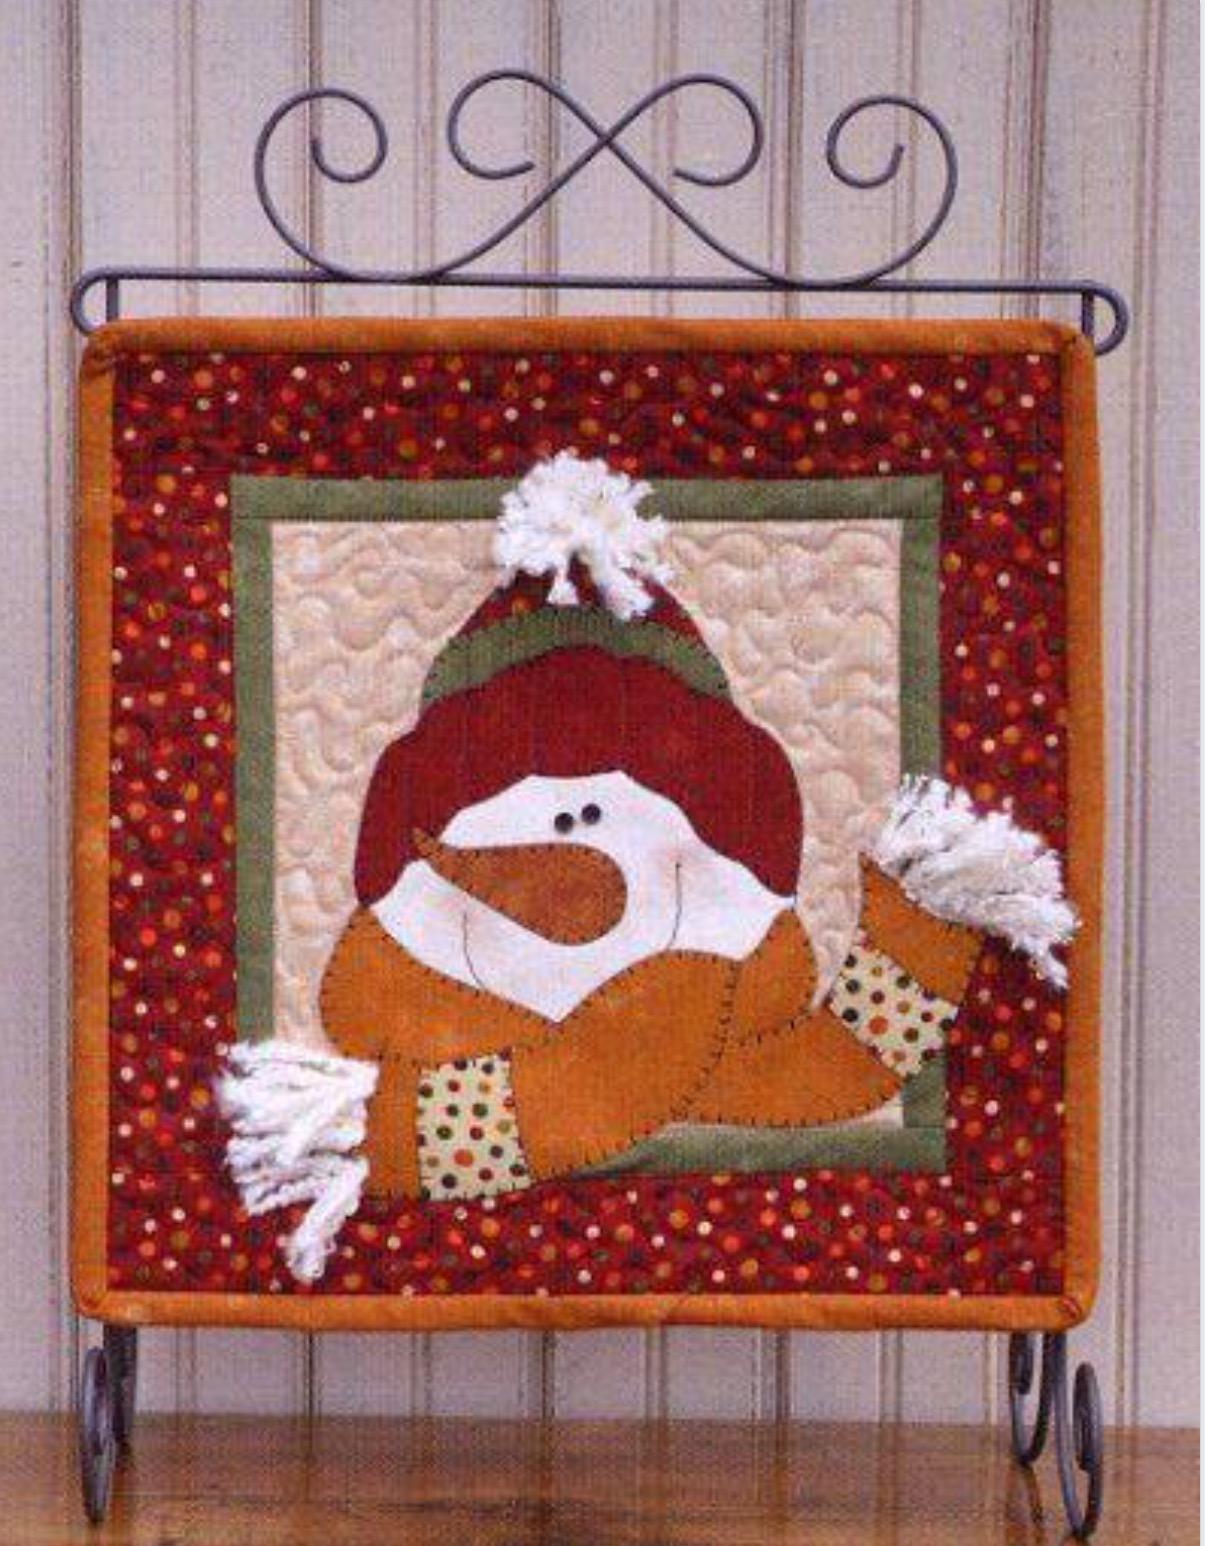 Patchwork ideen f r weihnachten - Patchwork ideen ...